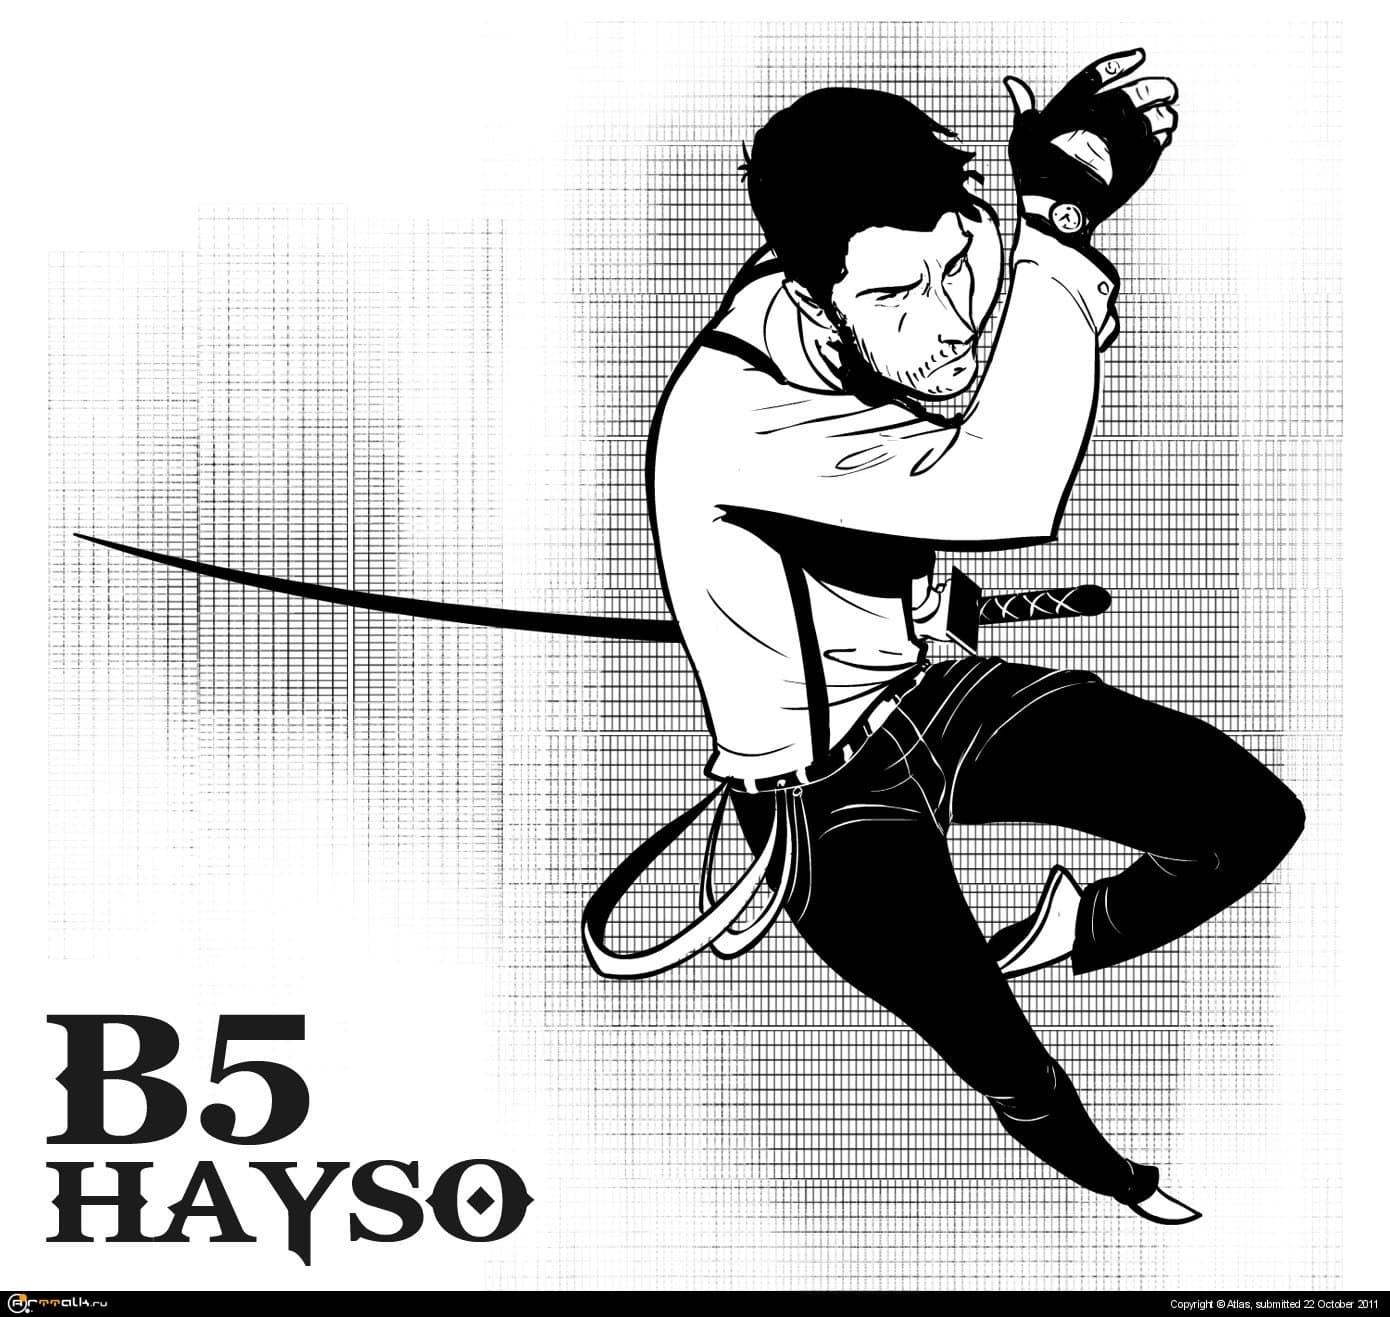 Hayso